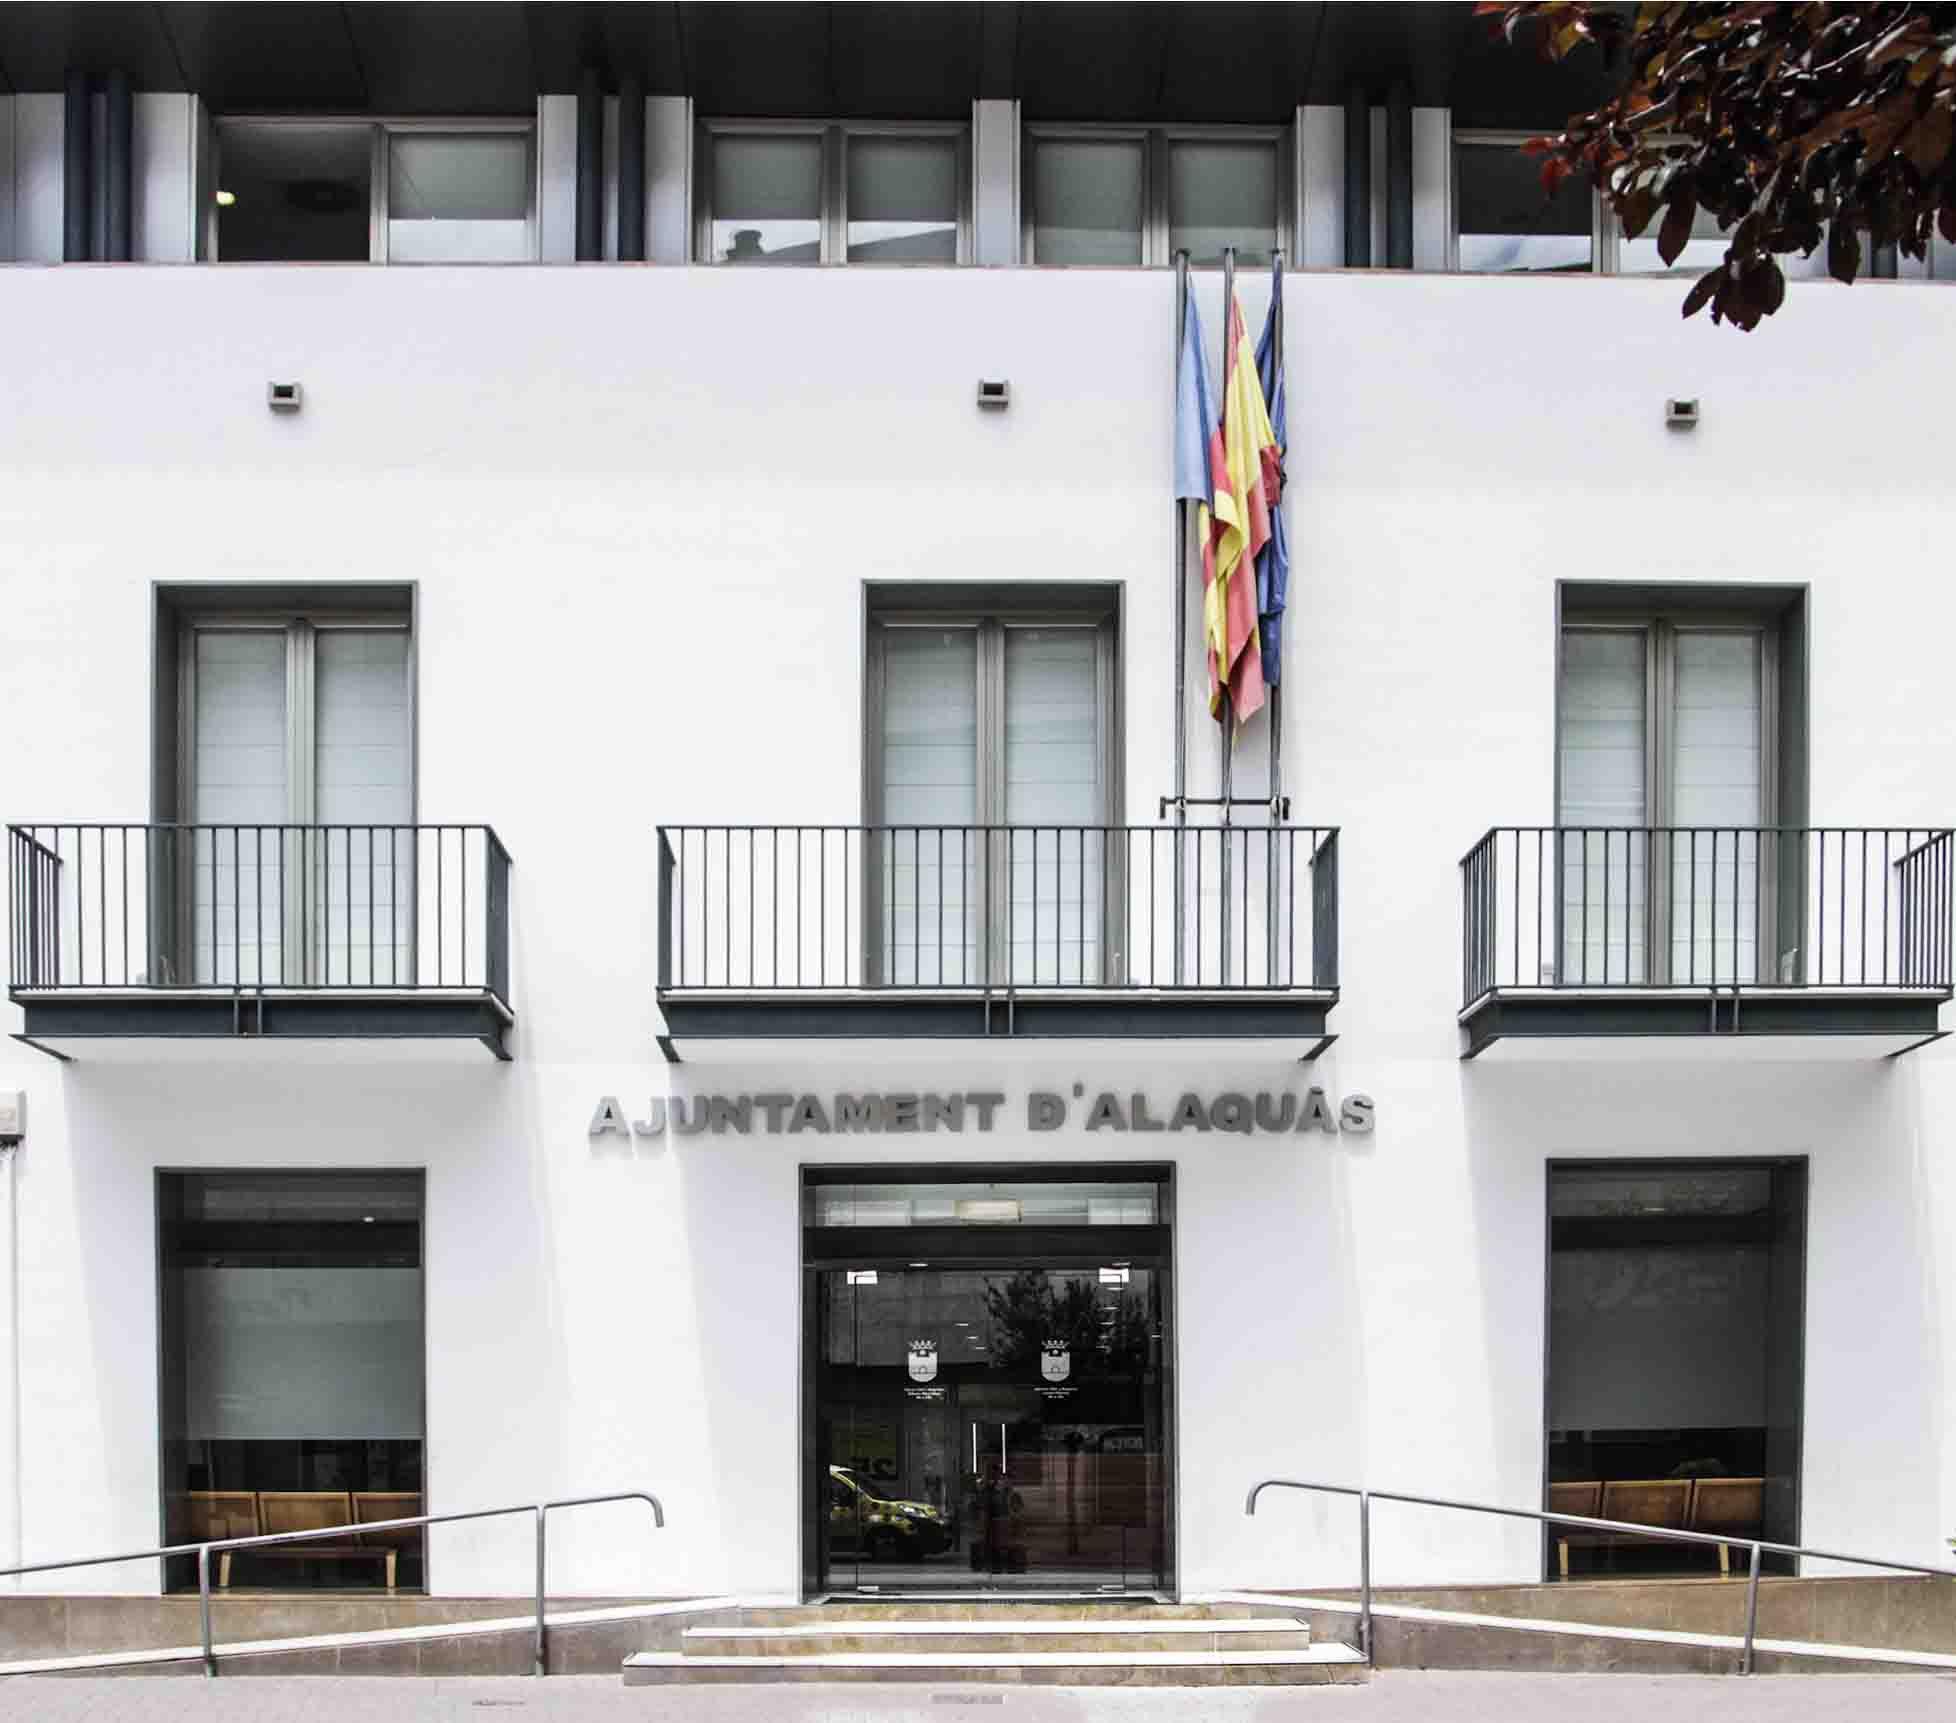 Compromís, Canviem y EU de Alaquàs reclaman más transparencia en el ayuntamiento